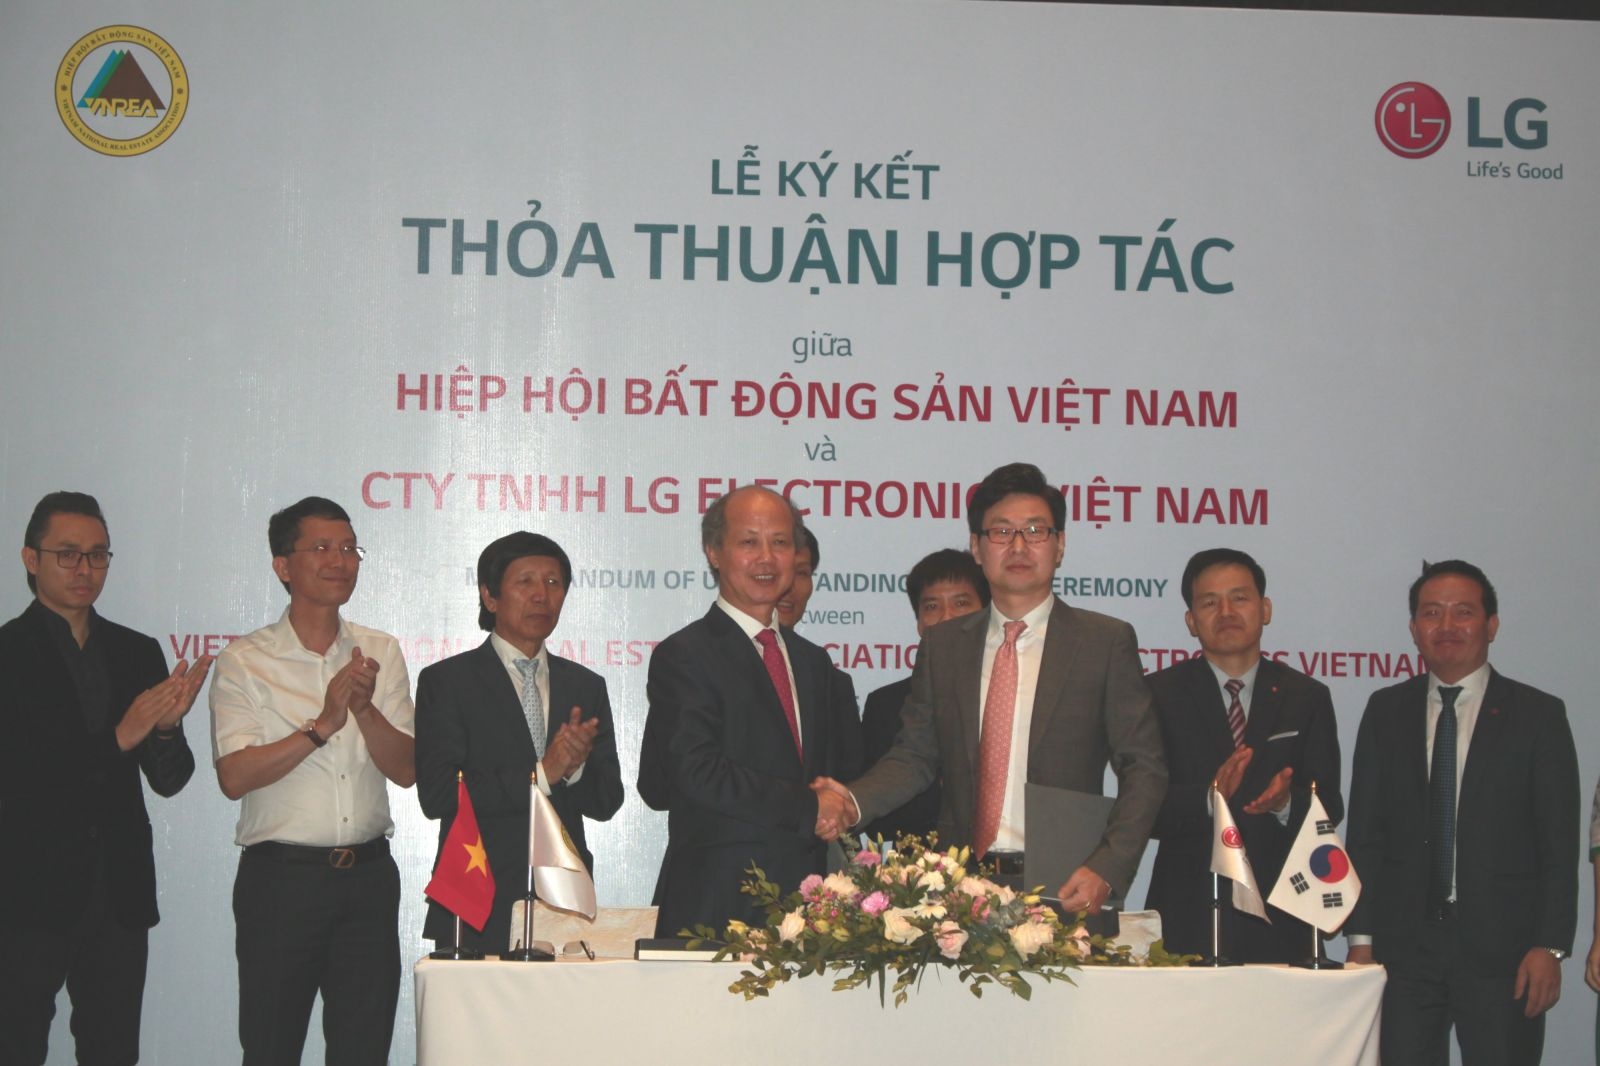 Đại diện VNREA và LG Electronics Việt Nam ký kết thỏa thuận hợp tác